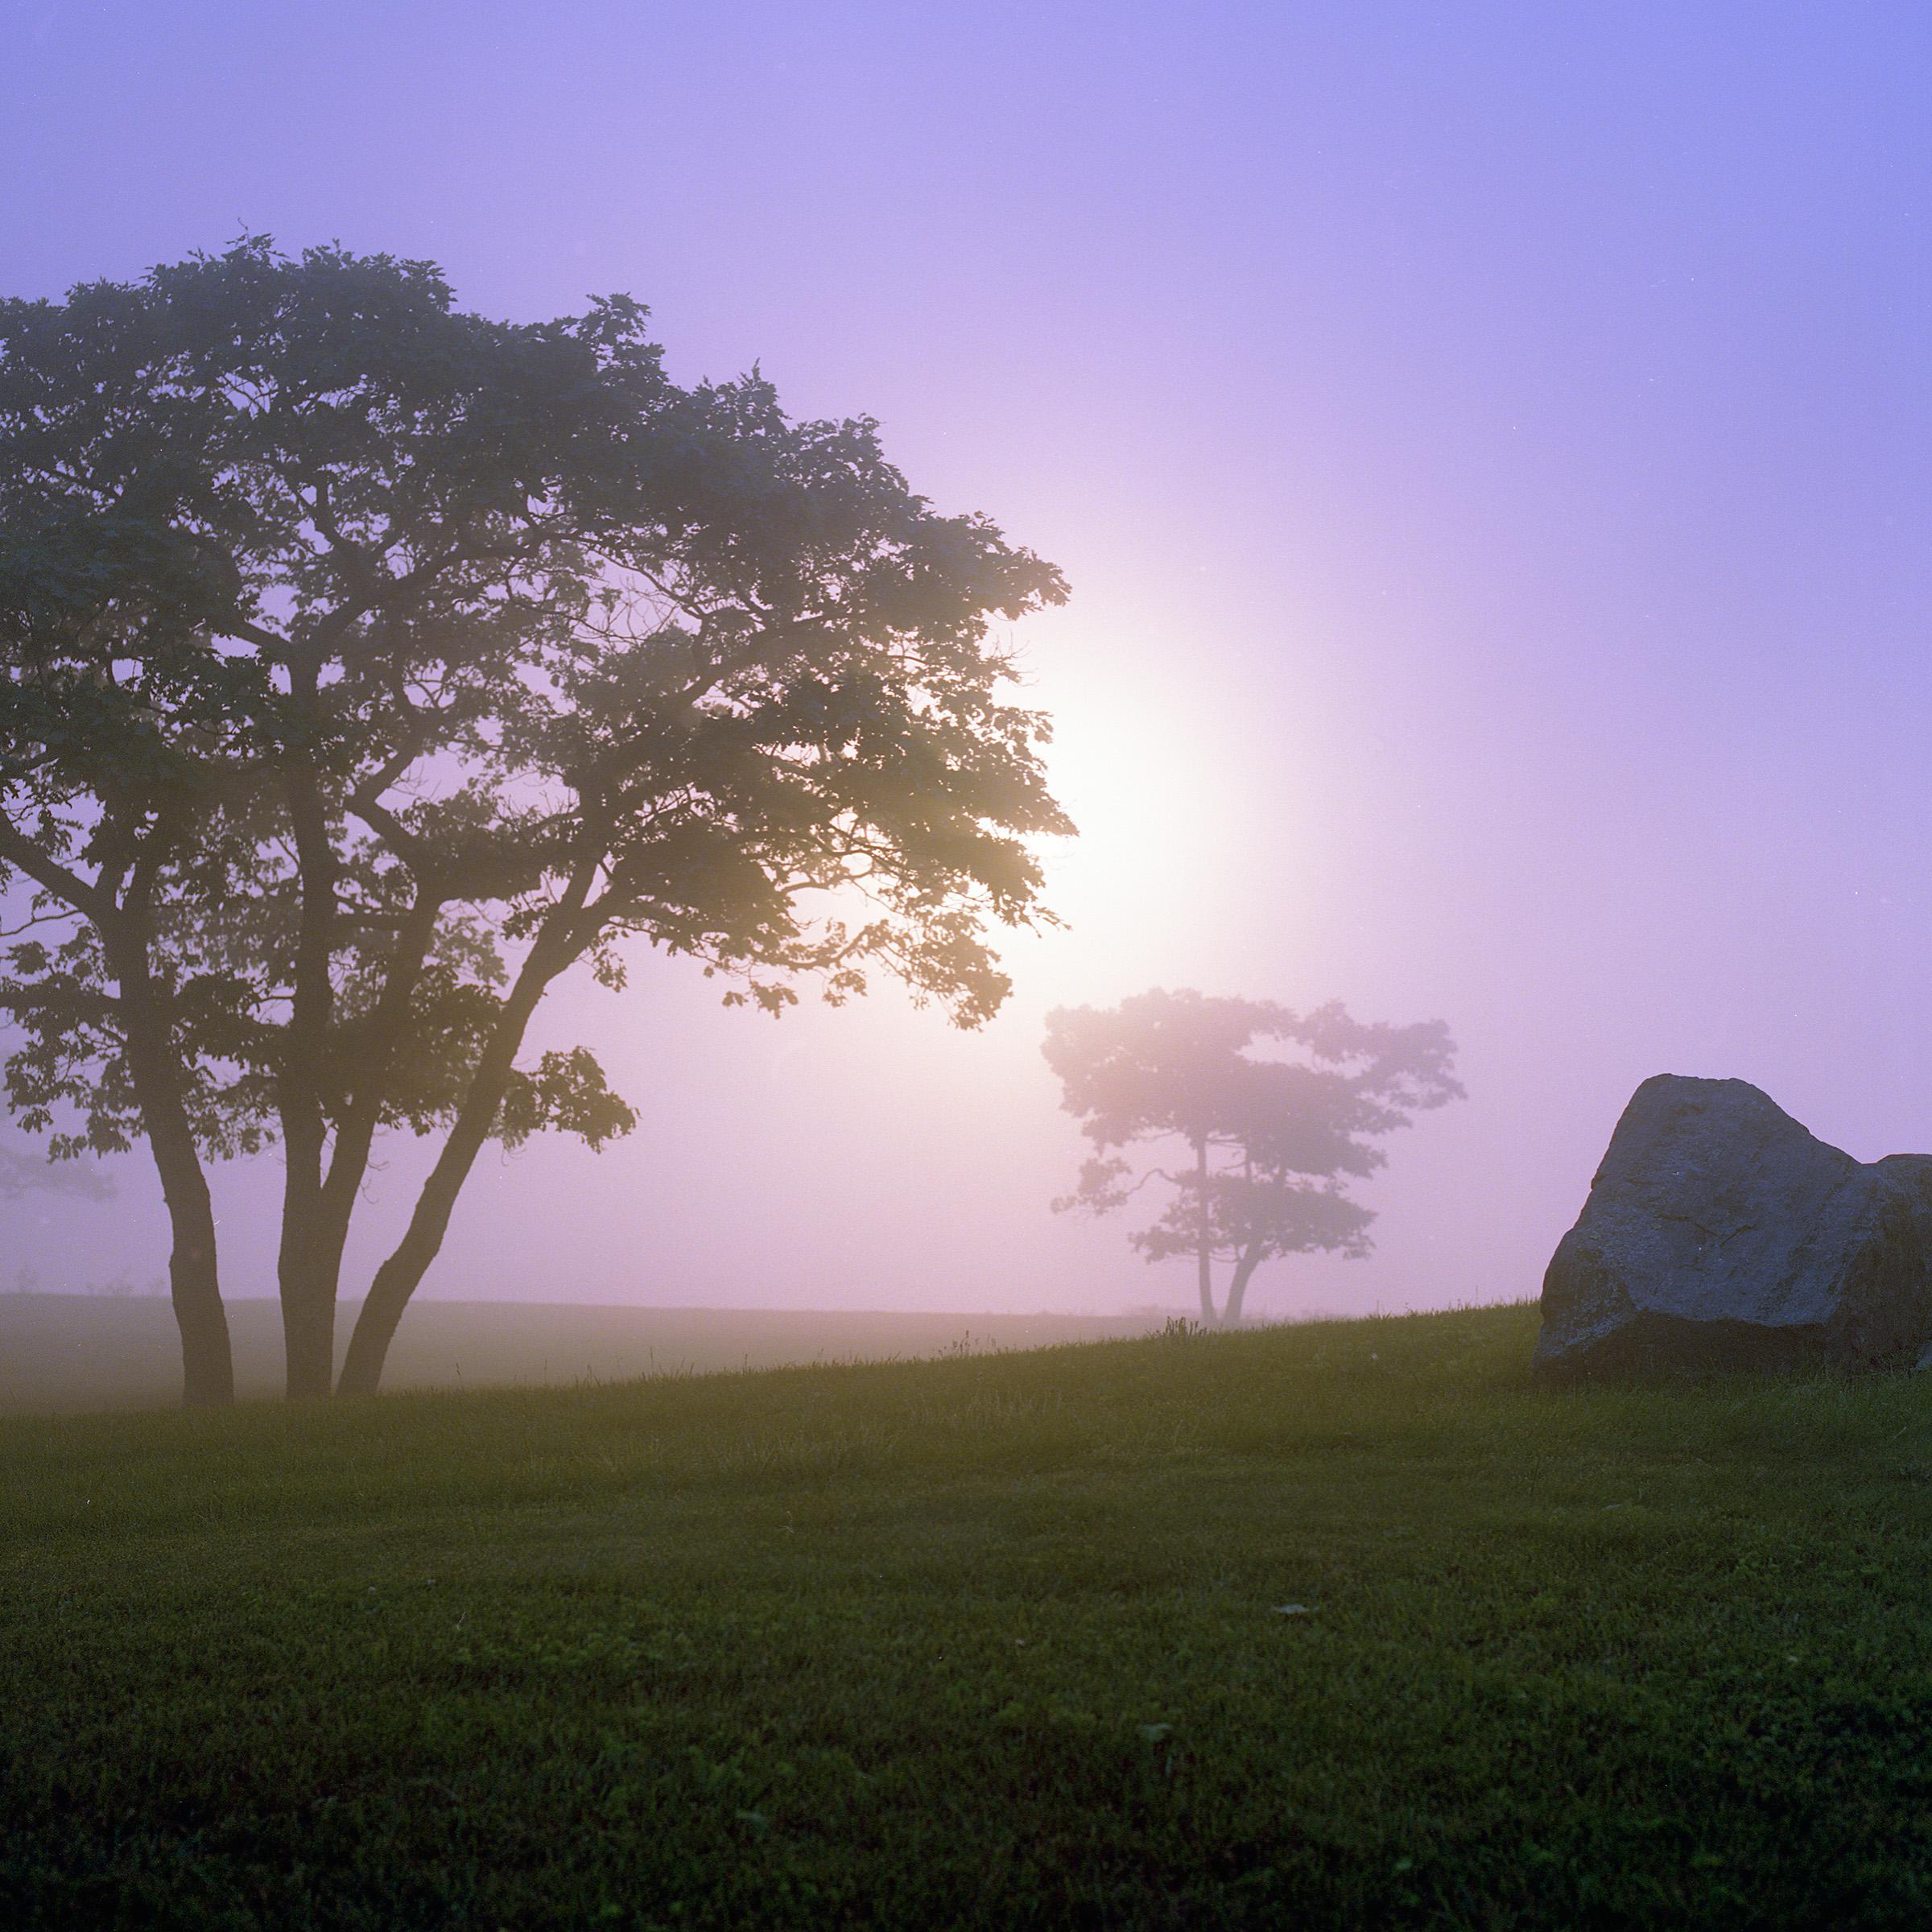 Robertson_Patrick_Mountain_Mist2.jpg